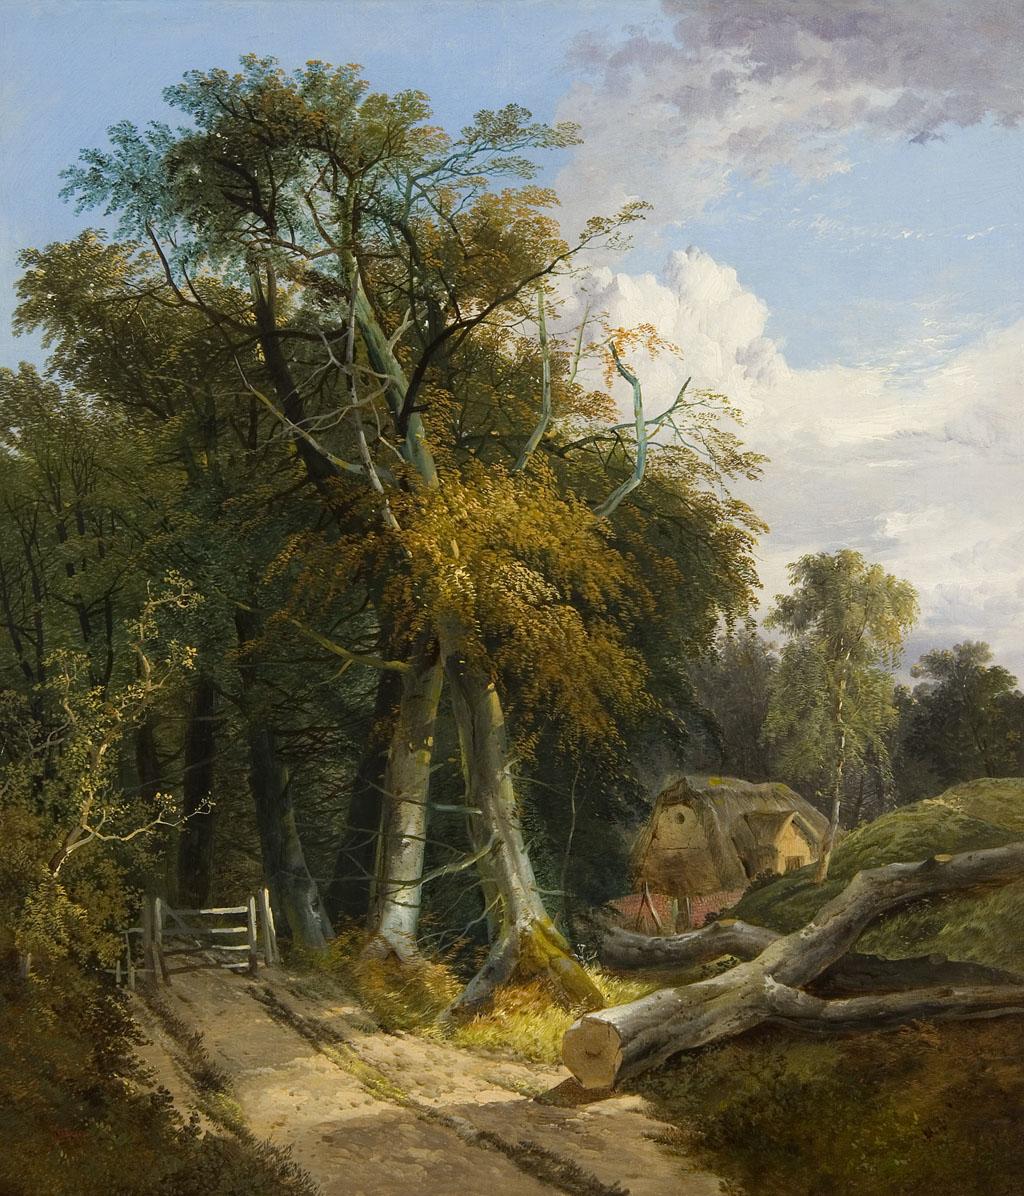 Lot 33 - JOHN BERNEY LADBROOKE (1803-1879)